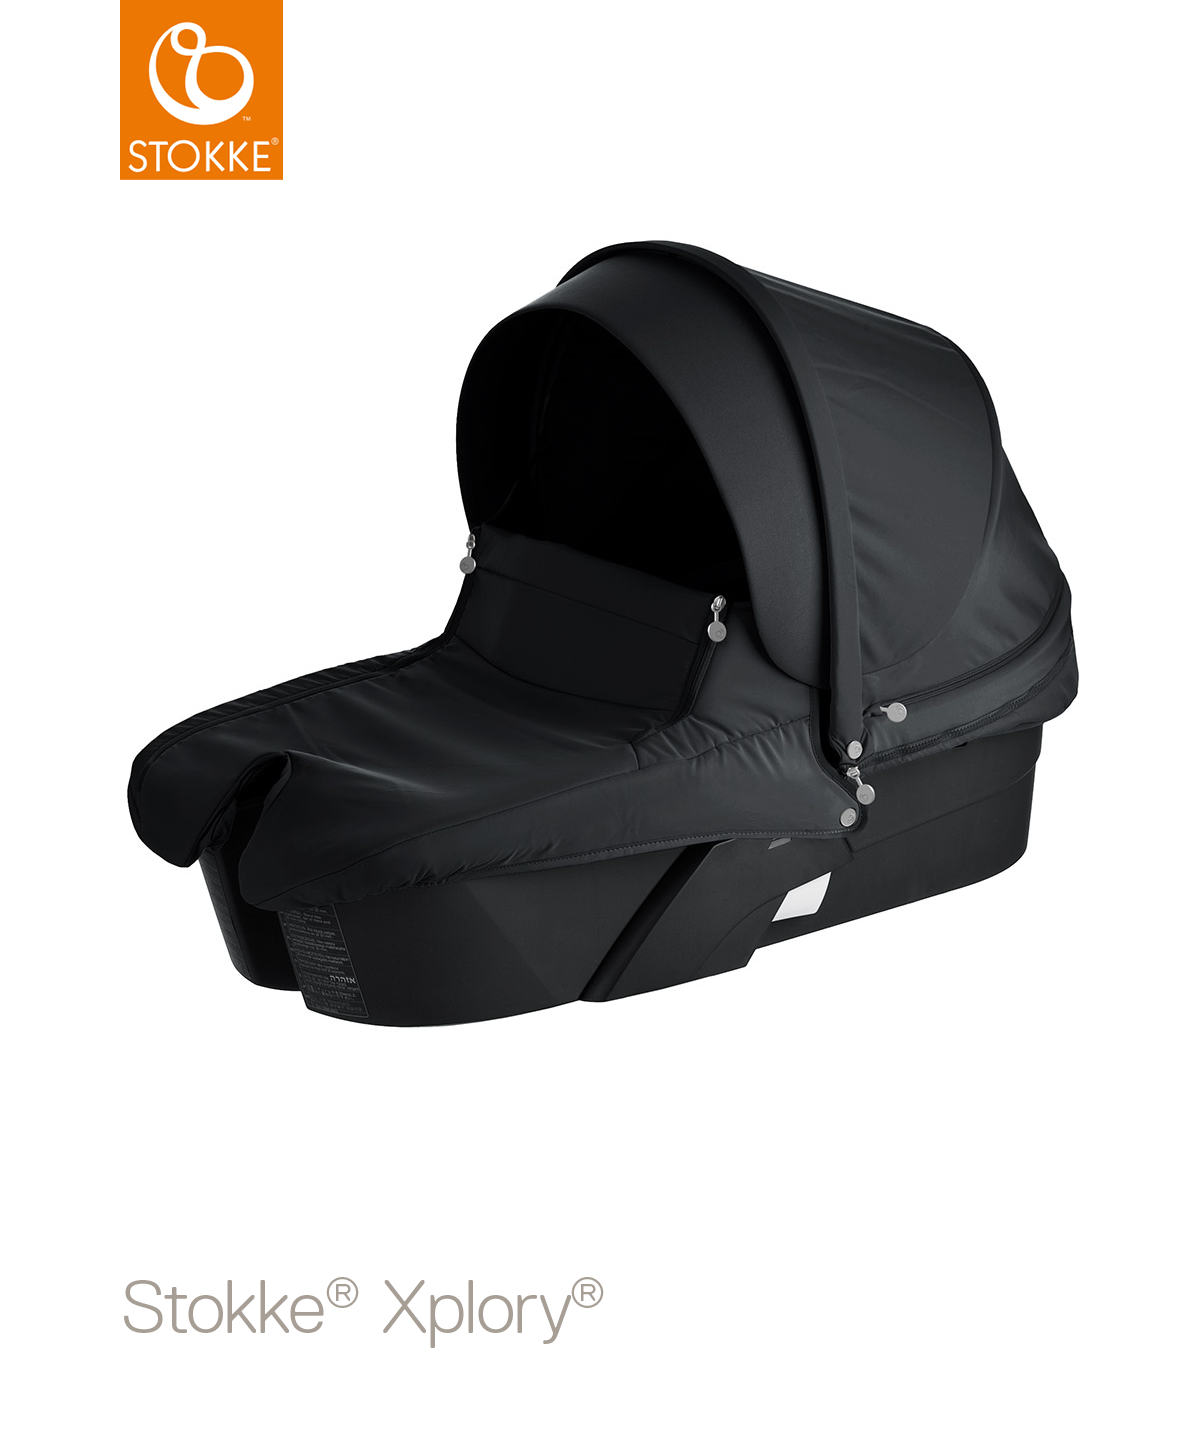 Stokke Xplory Black Carry Cot